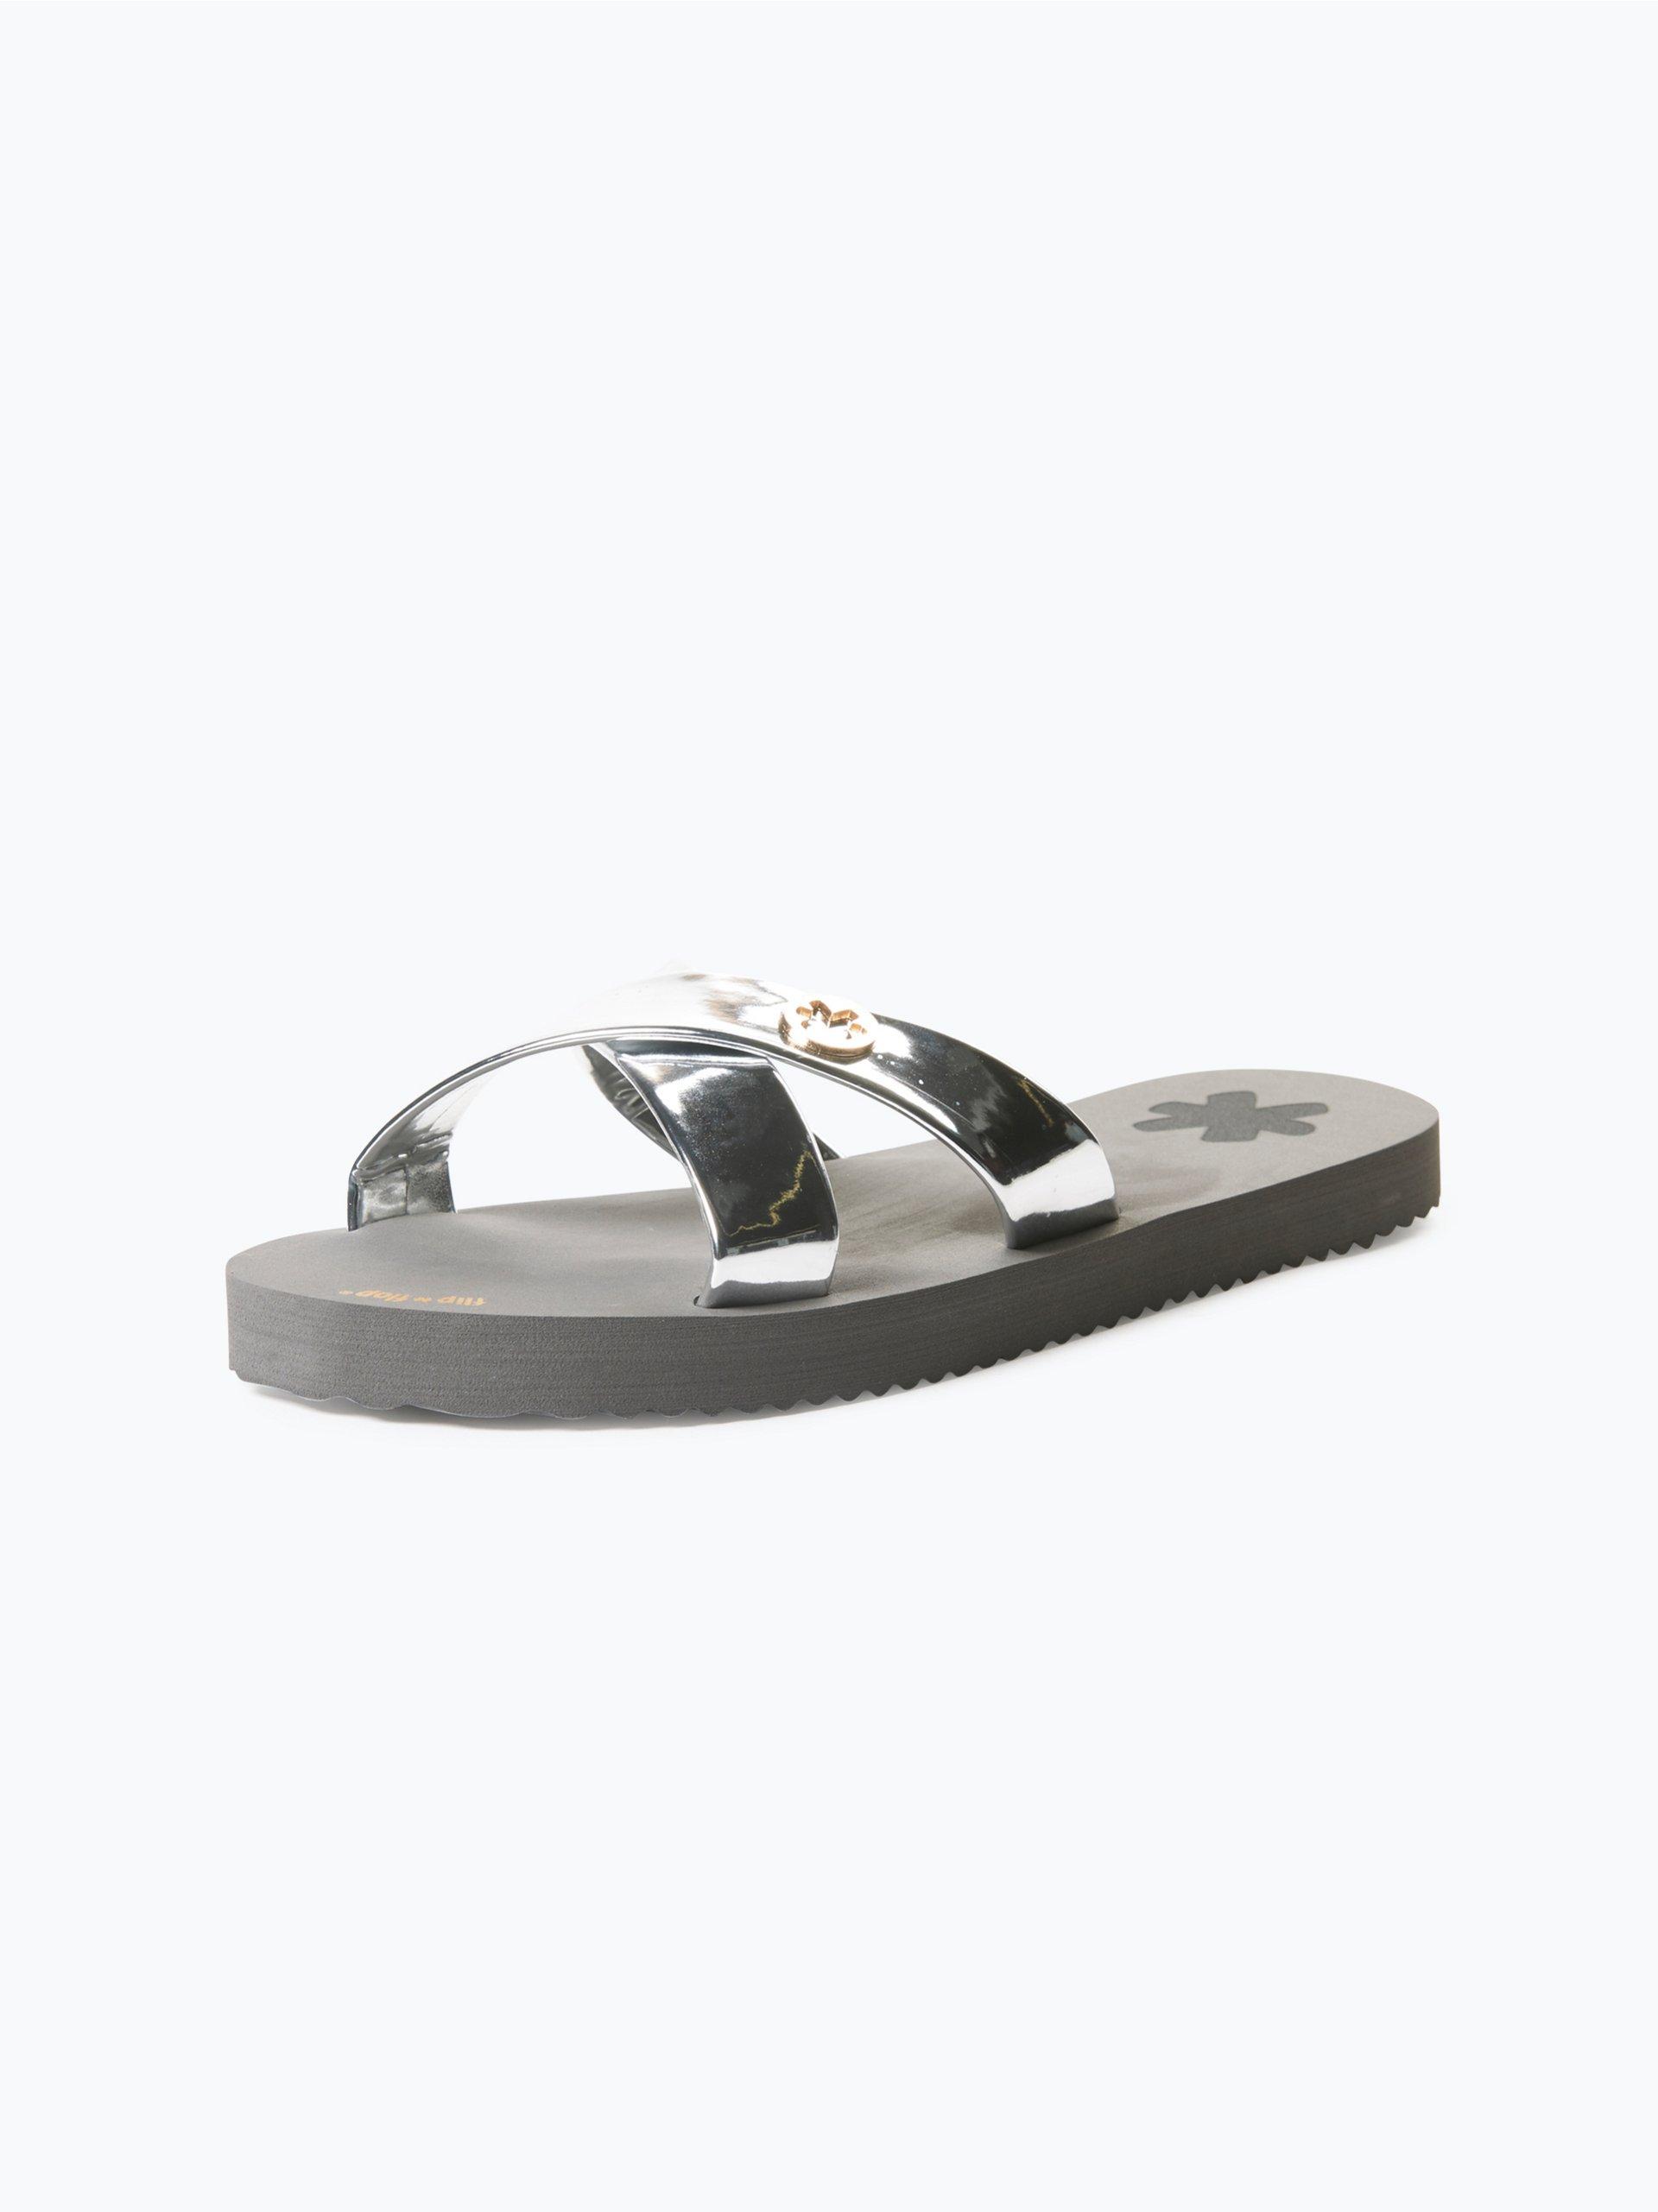 flip flop damen sandalen silber uni online kaufen peek und cloppenburg de. Black Bedroom Furniture Sets. Home Design Ideas